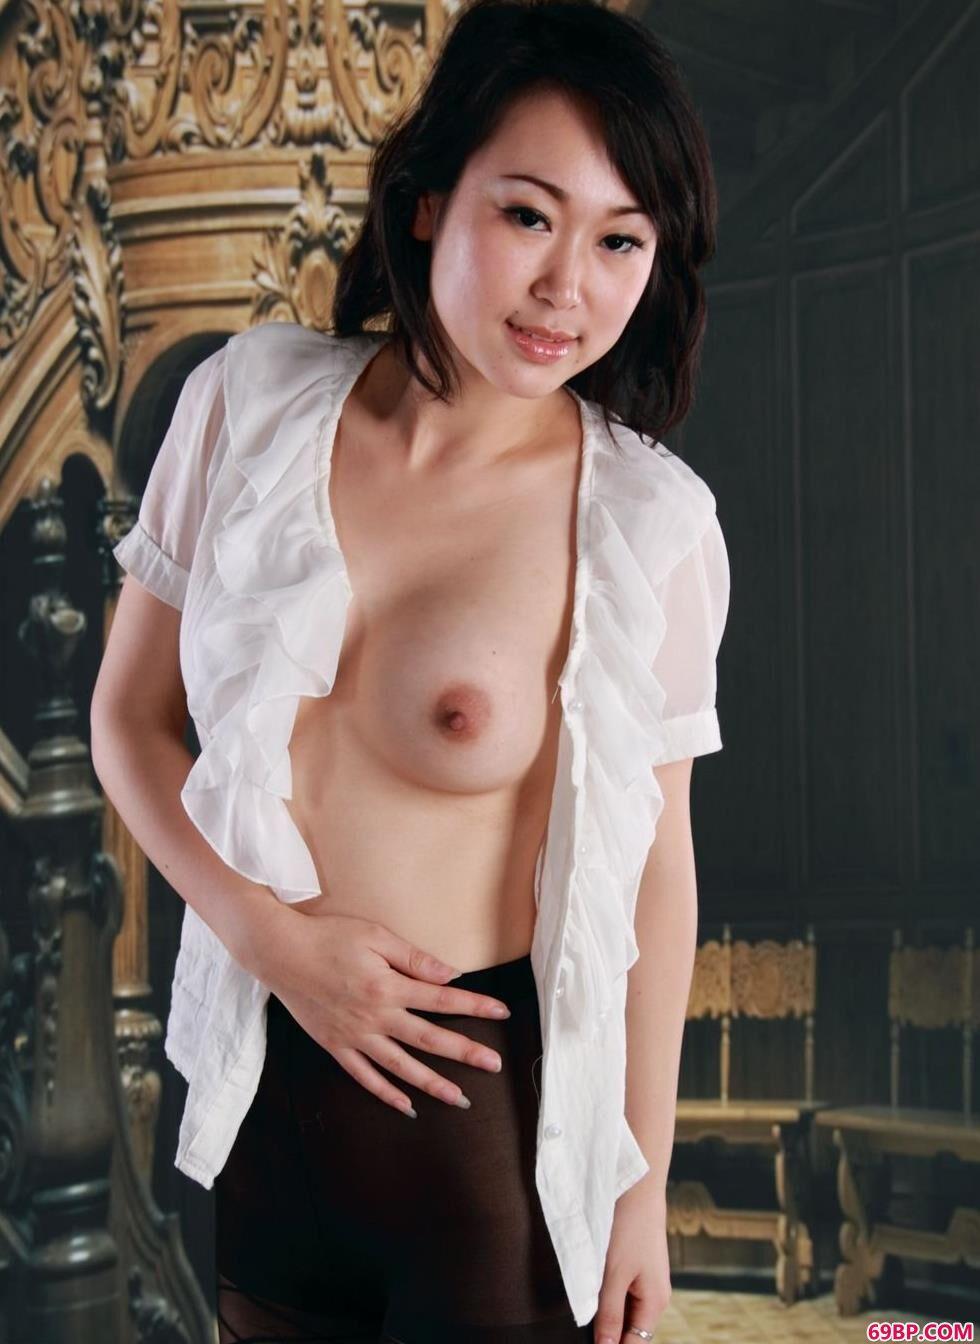 裸模苏蕾老房子里的古典人体